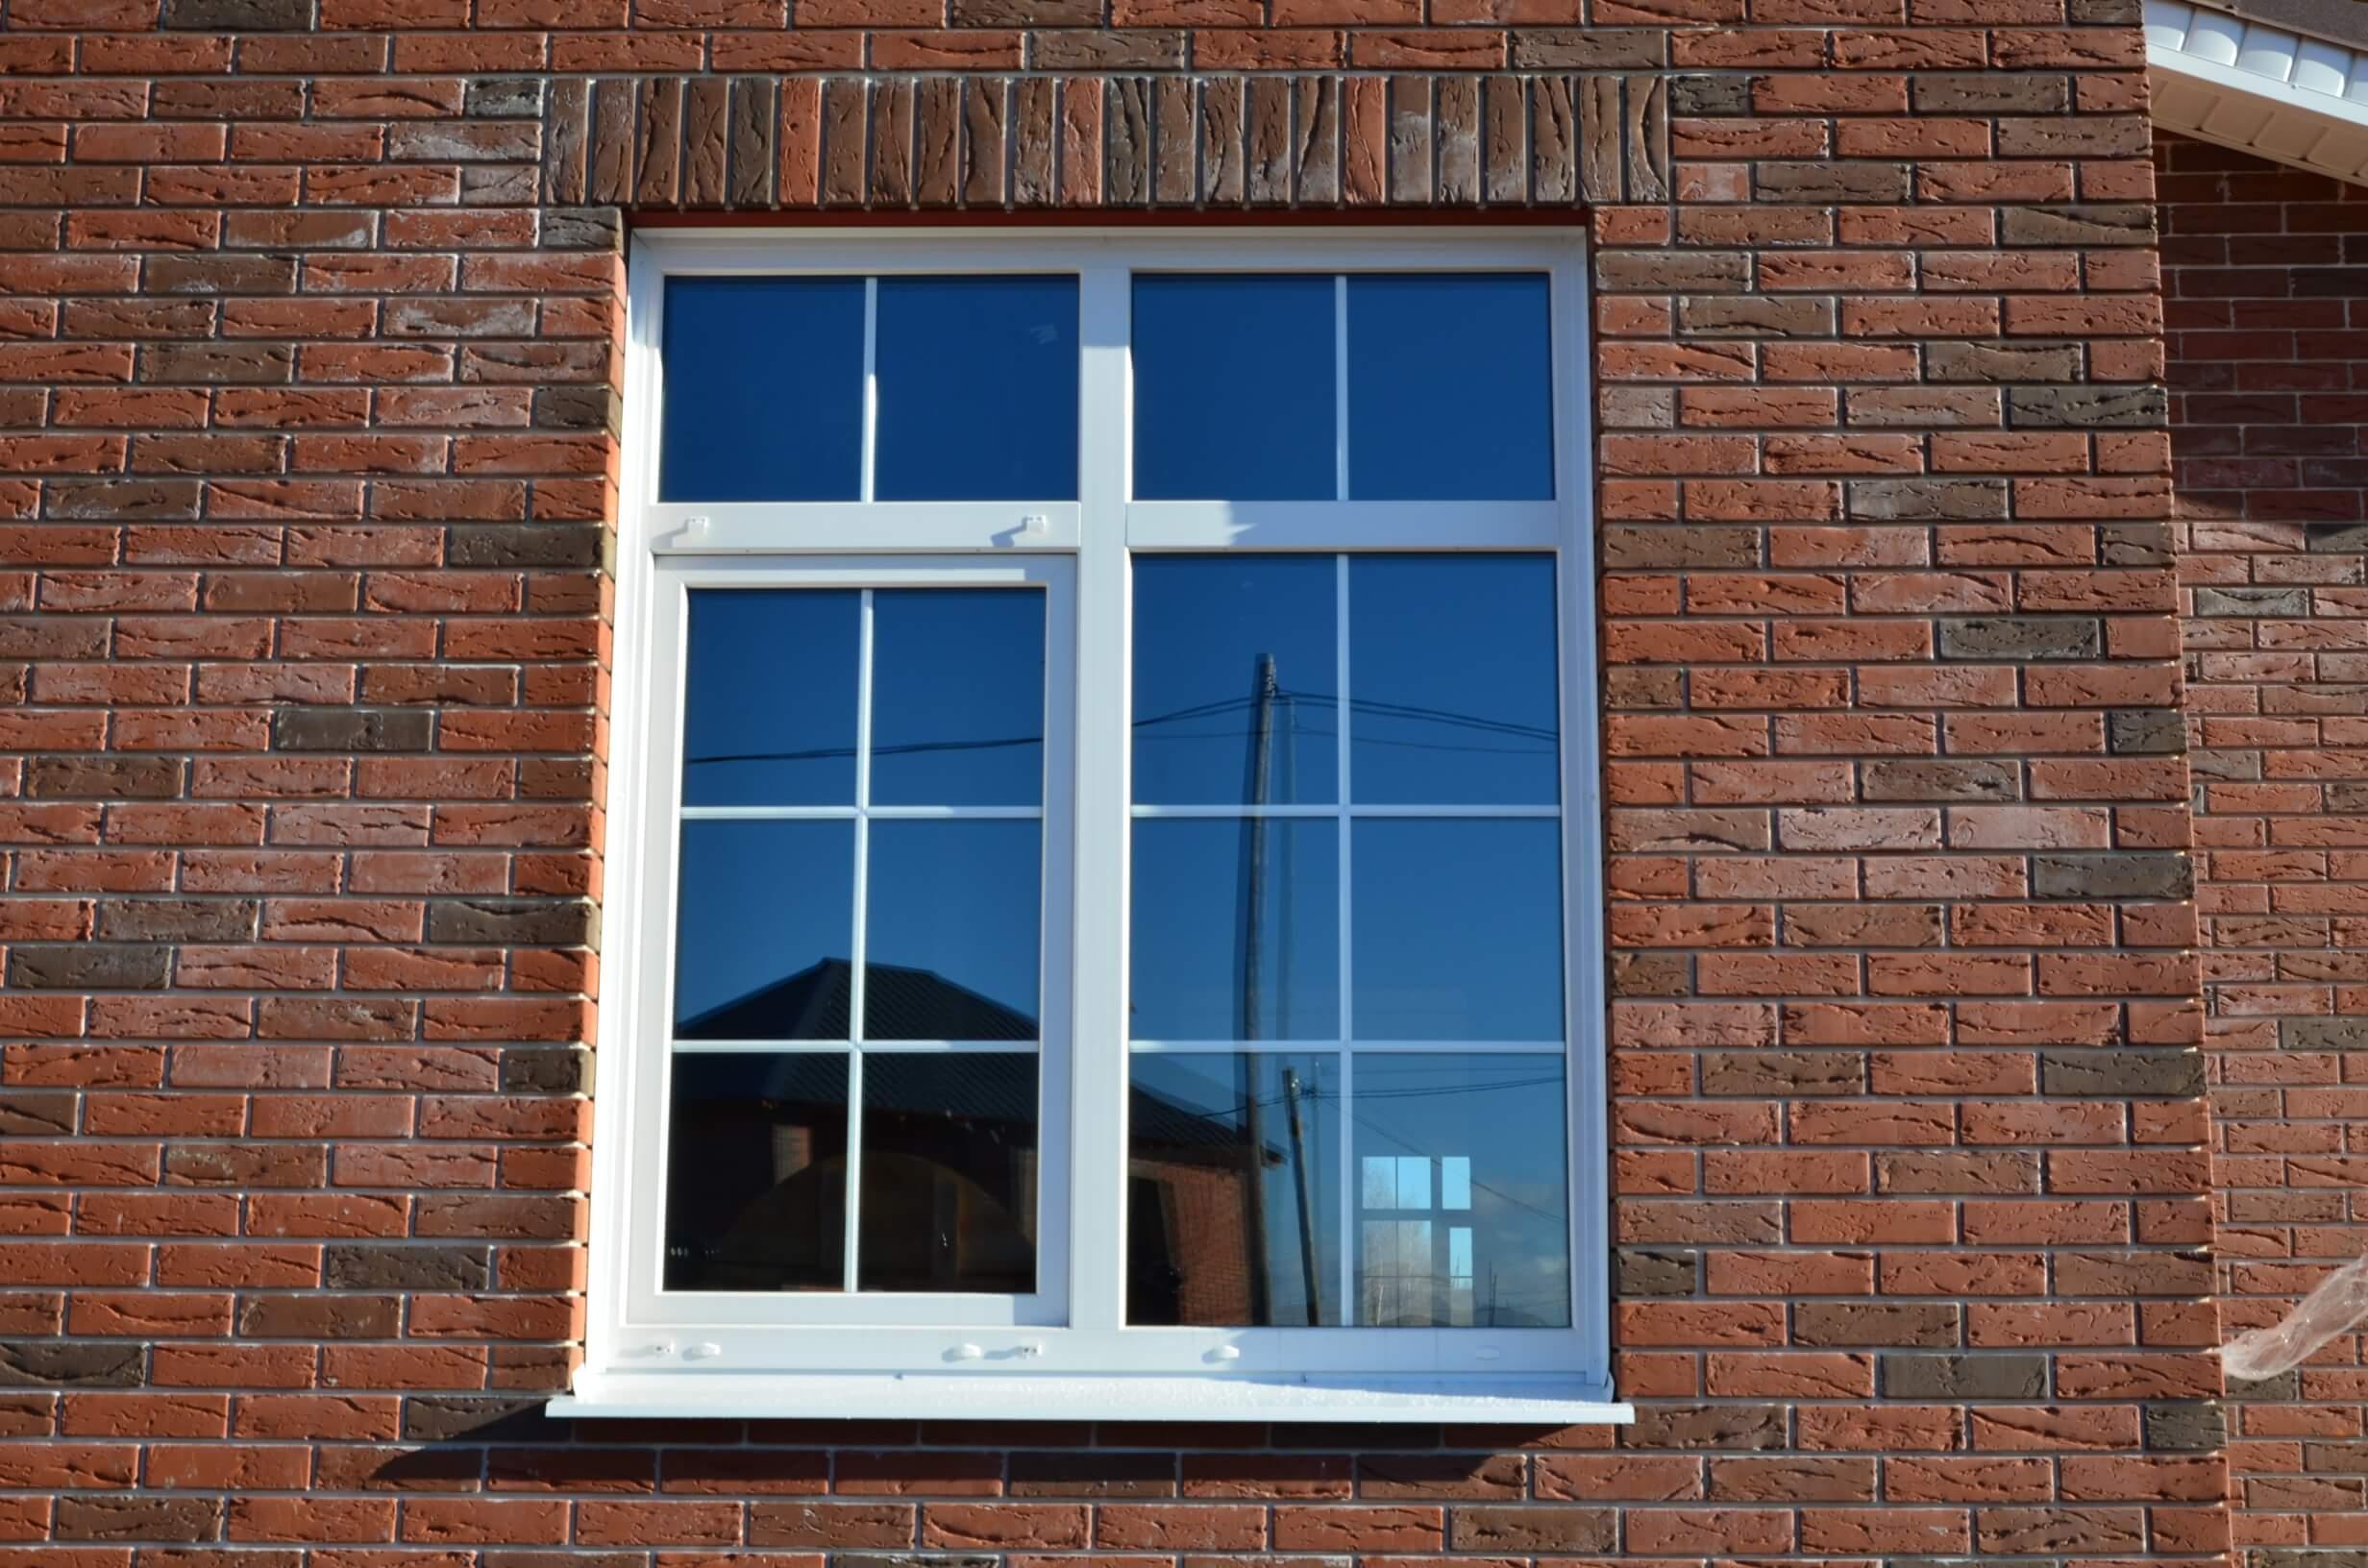 около окна со шпросами фото фото кружку, чашку